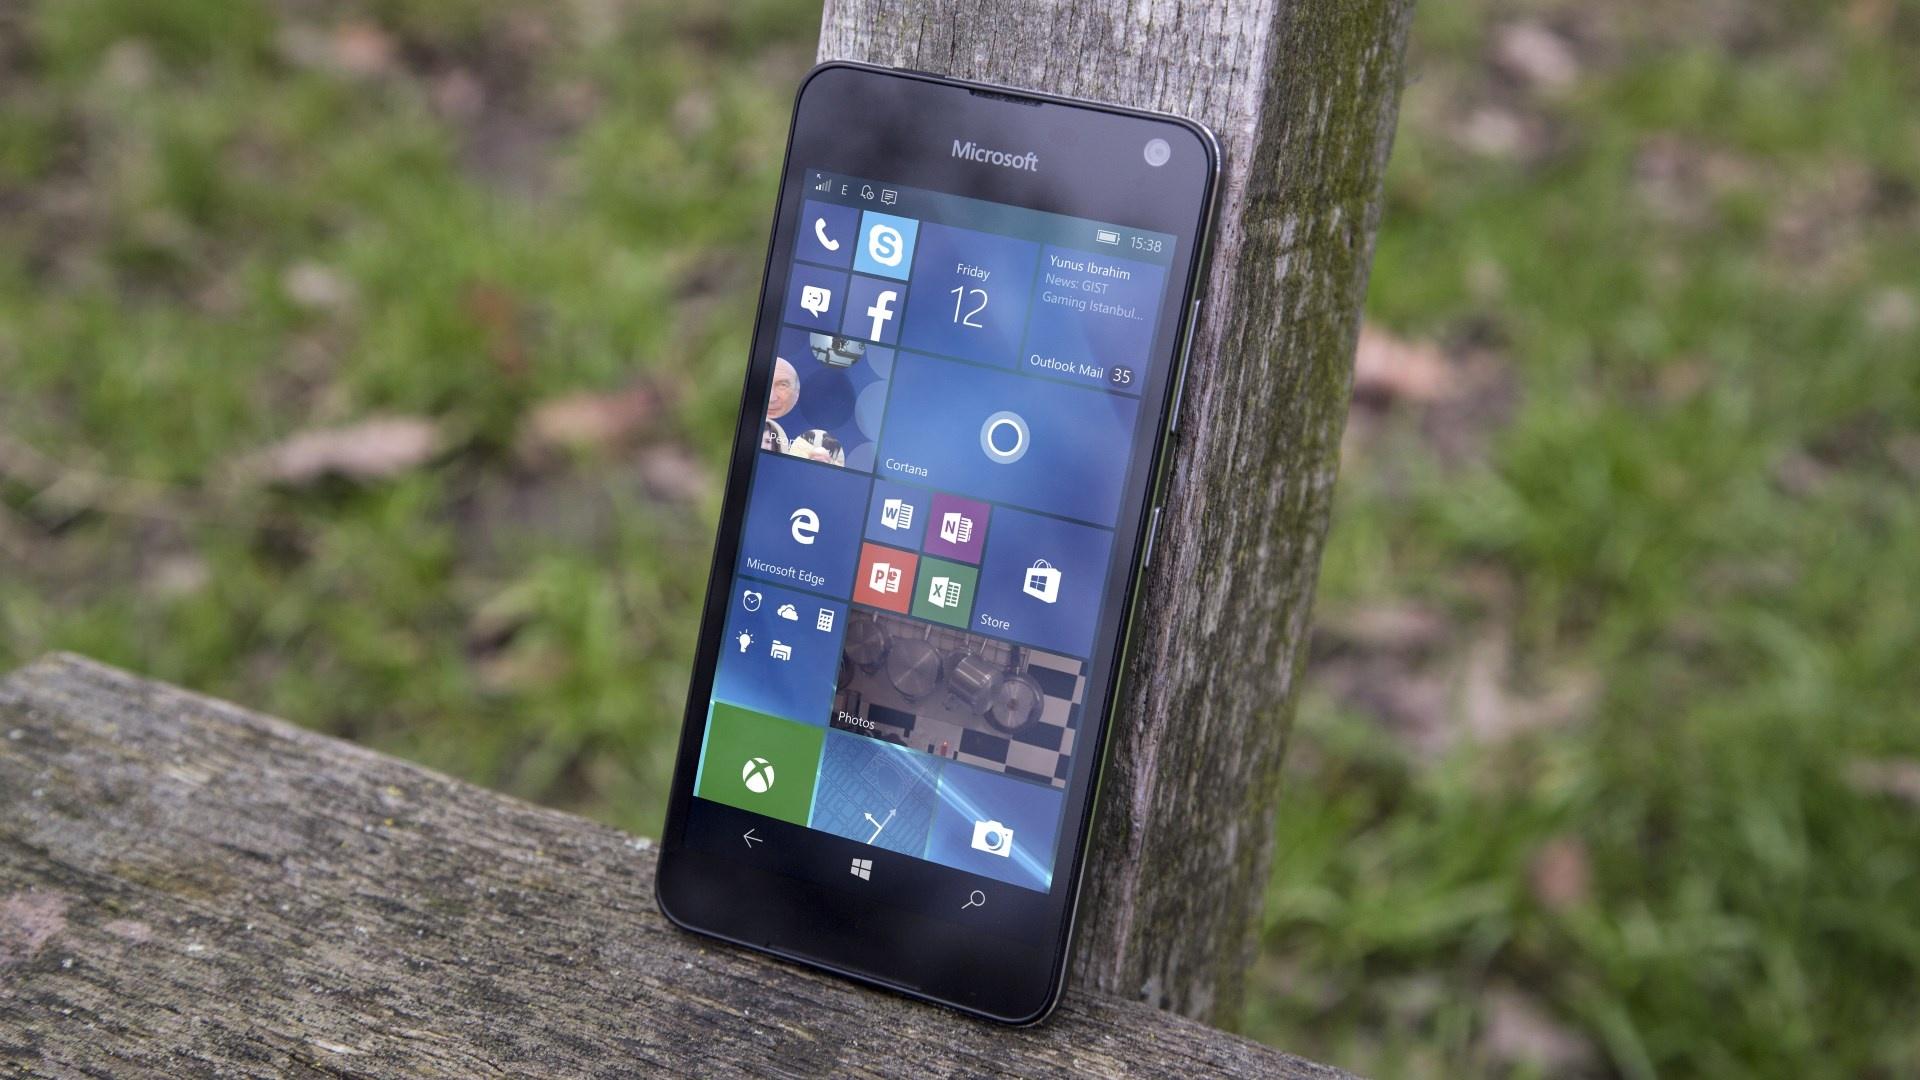 Билл Гейтс рассказал, кто виноват в провале Windows Mobile и победе Android